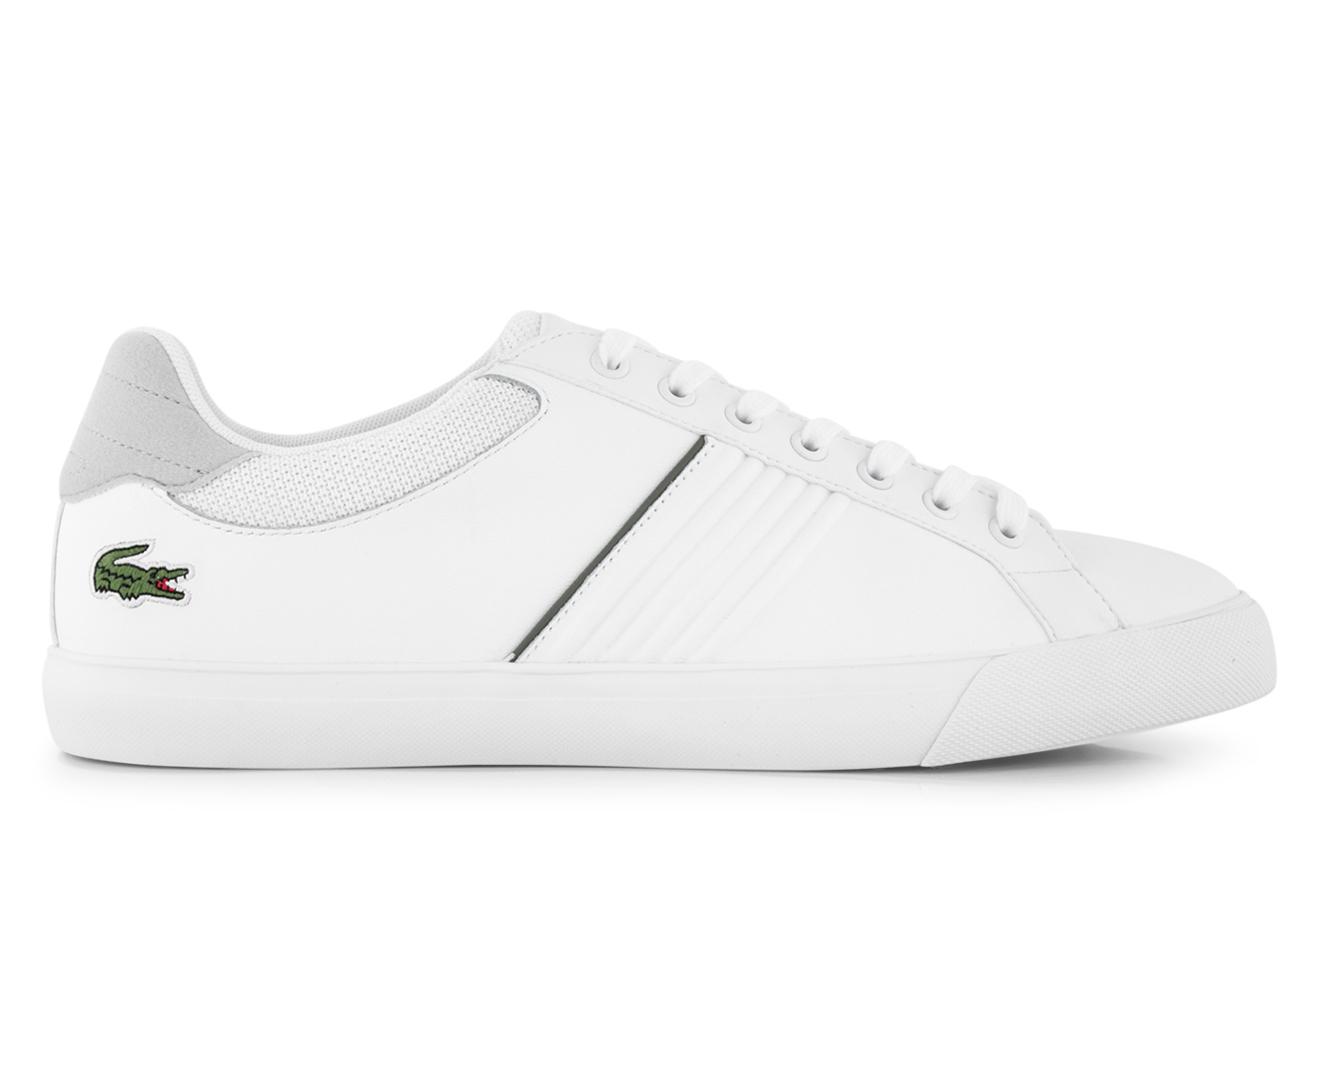 e6f547c9b13667 Lacoste Men s Fairlead 117 Shoe - White